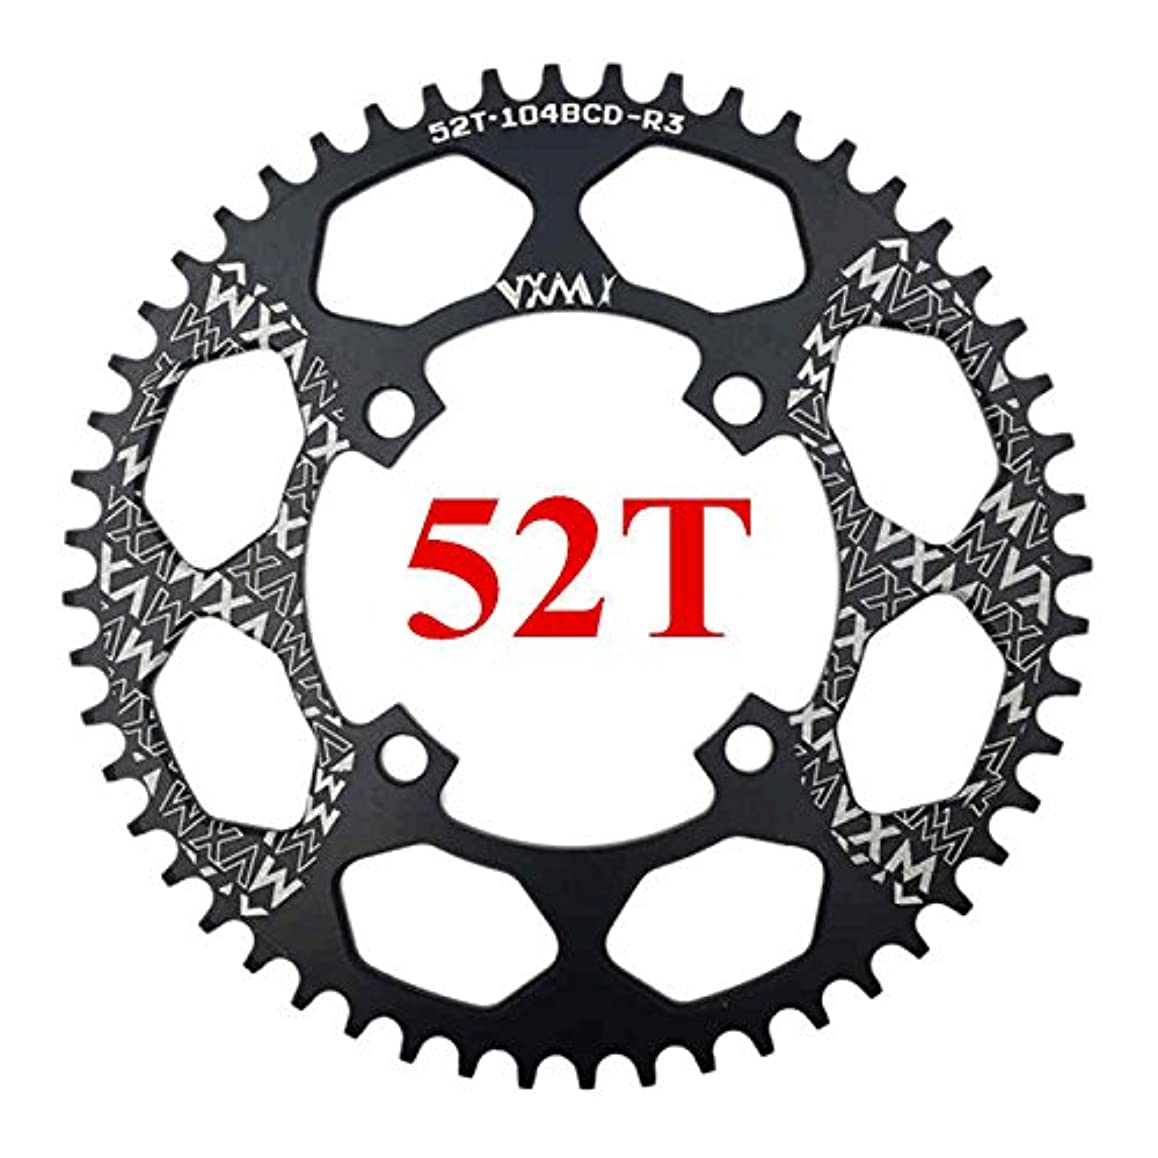 同じ限られた居間Propenary - 自転車104BCDクランクオーバルラウンド30T 32T 34T 36T 38T 40T 42T 44T 46T 48T 50T 52TチェーンホイールXT狭い広い自転車チェーンリング[ラウンド52Tブラック]